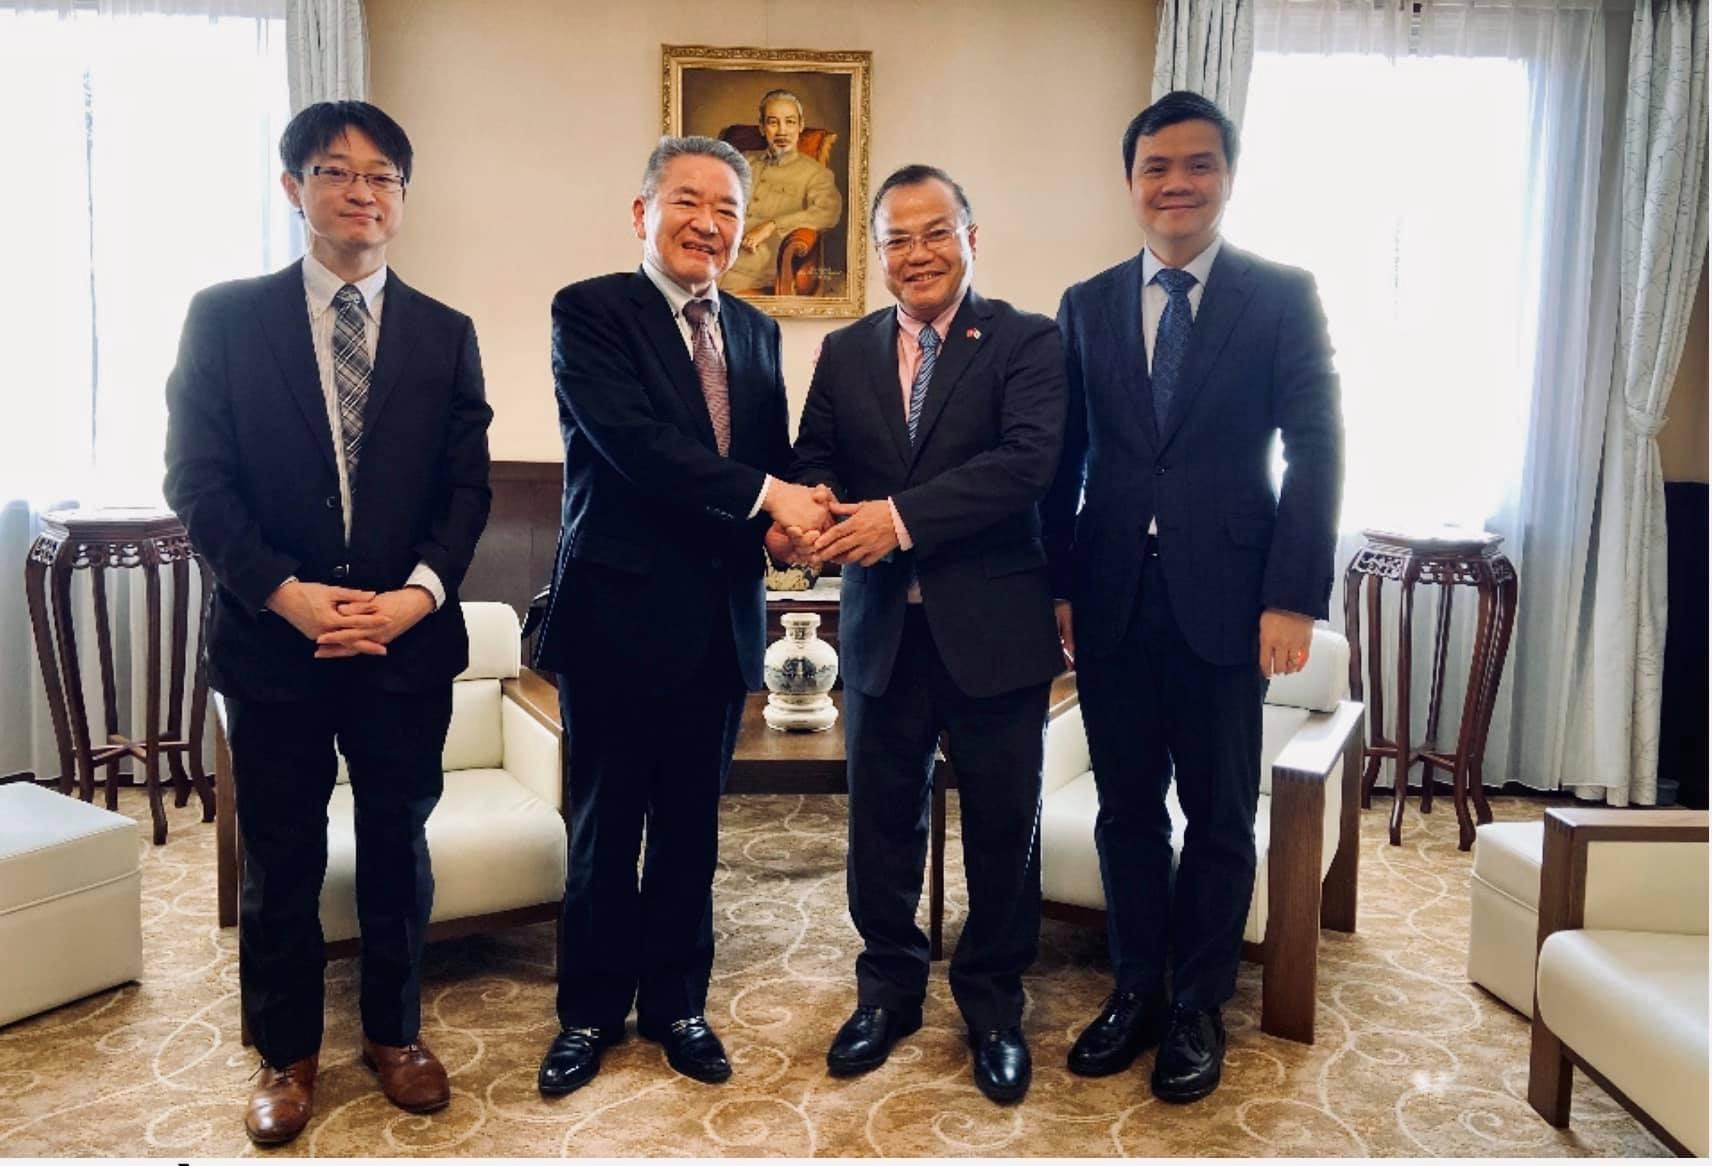 ヴー・ホン・ナム大使と日本共産党副委員長との面会